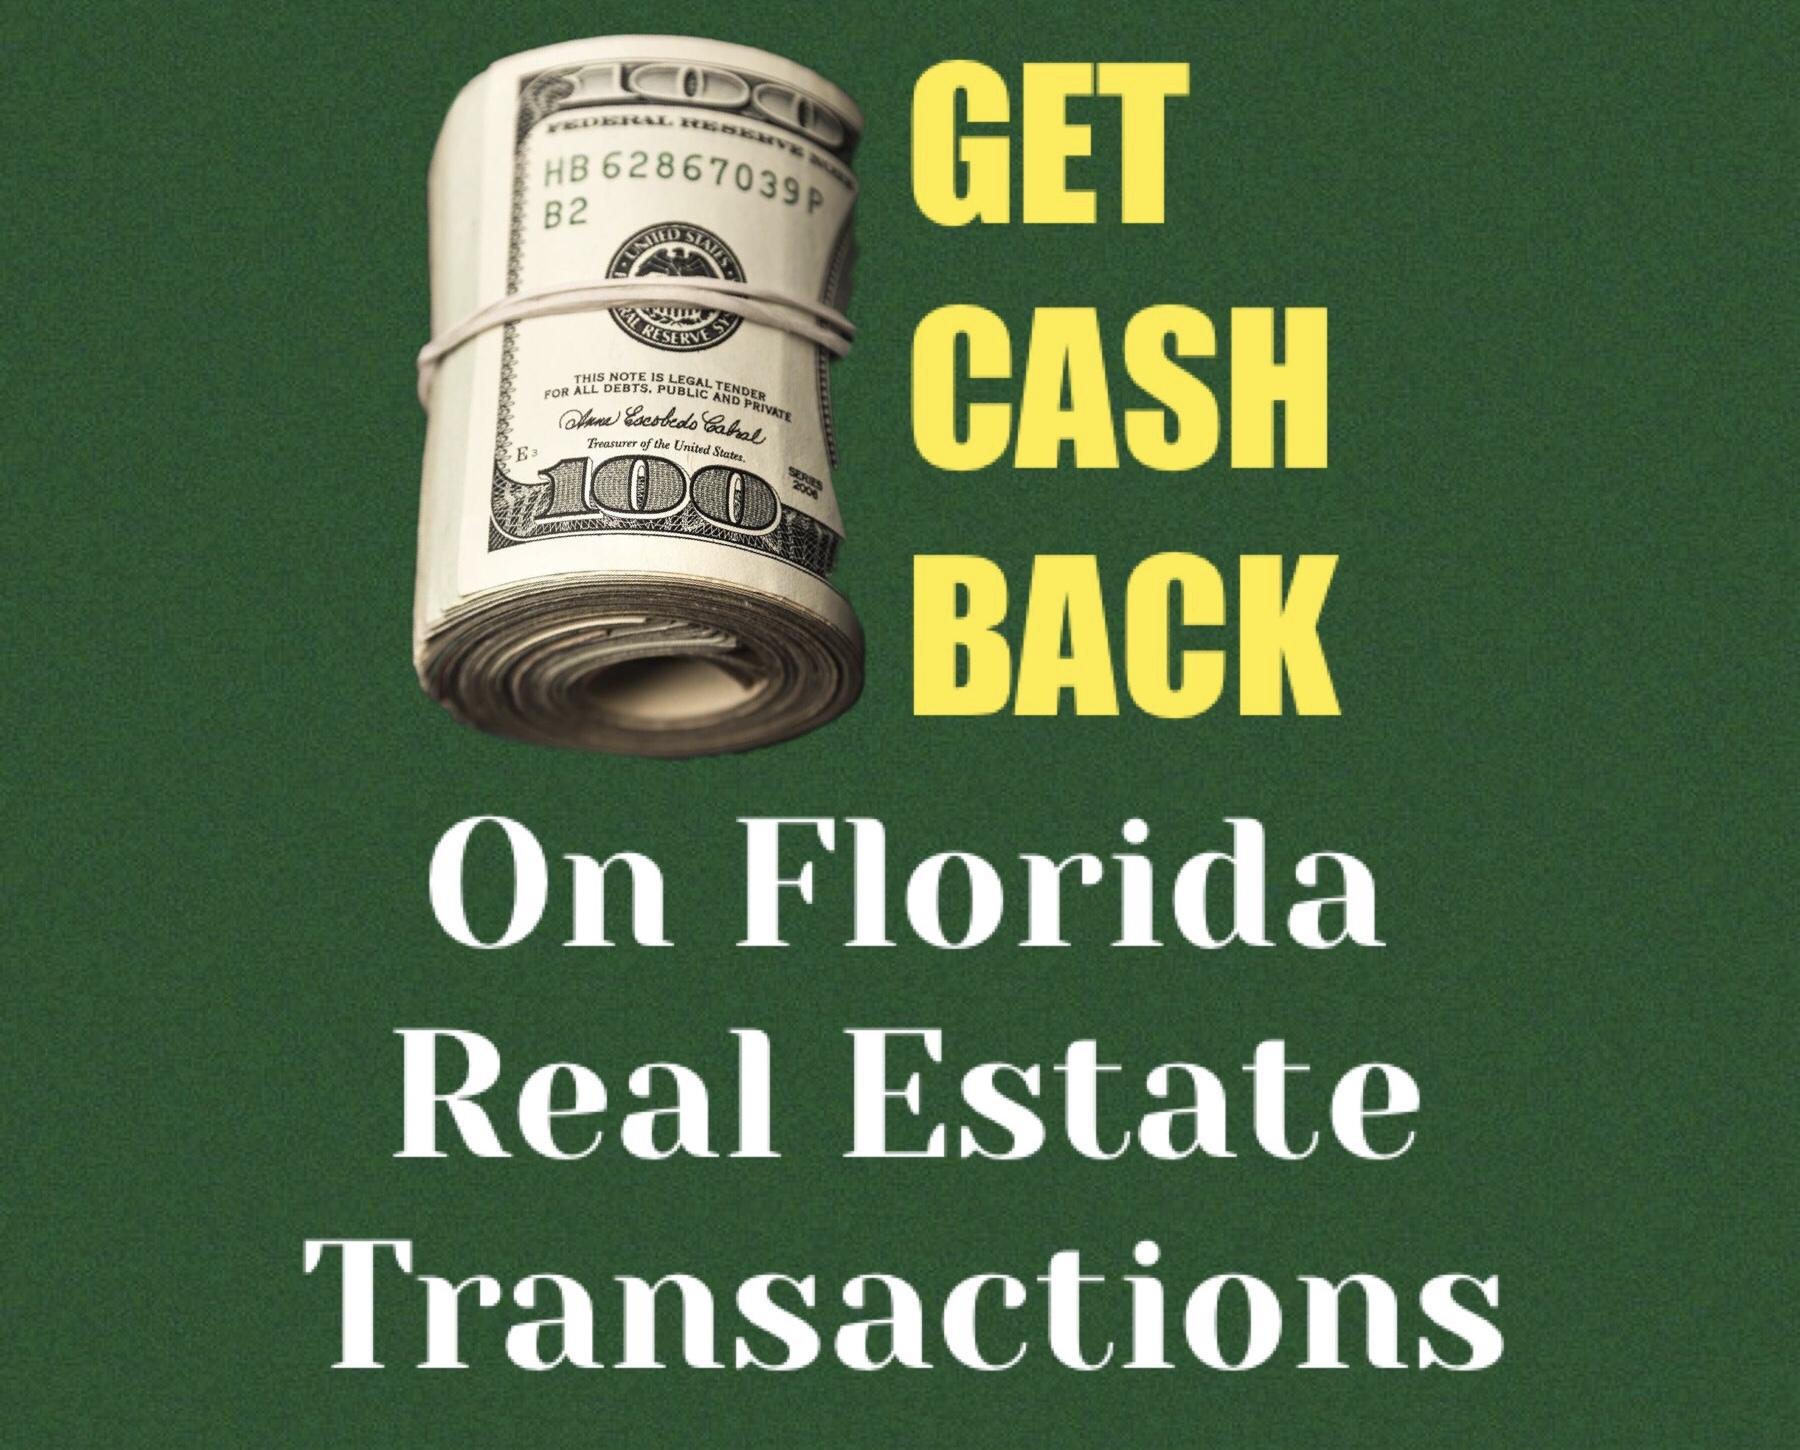 Get cash back on real estate